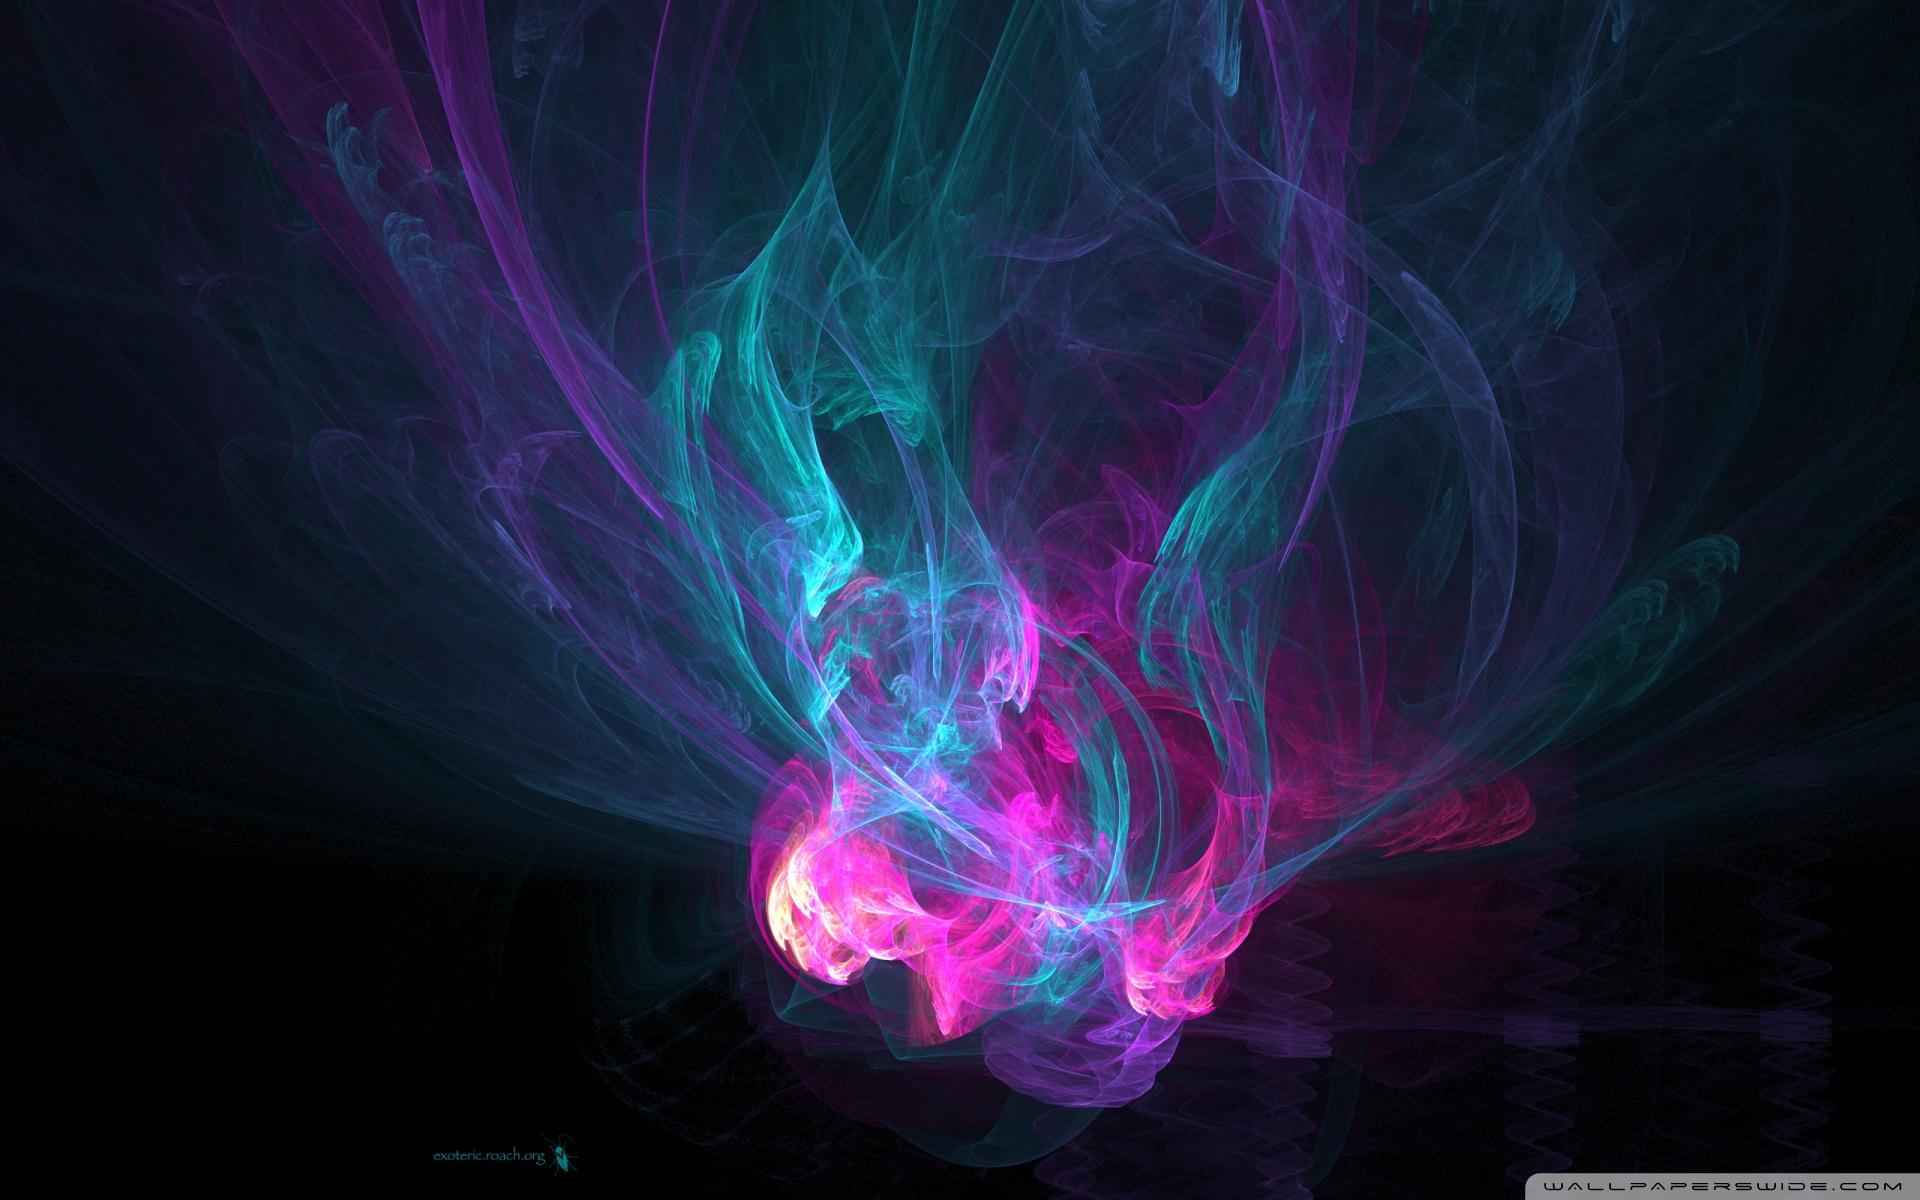 Fiery Descent 4K HD Desktop Wallpaper for 4K Ultra HD TV Wide 1920x1200